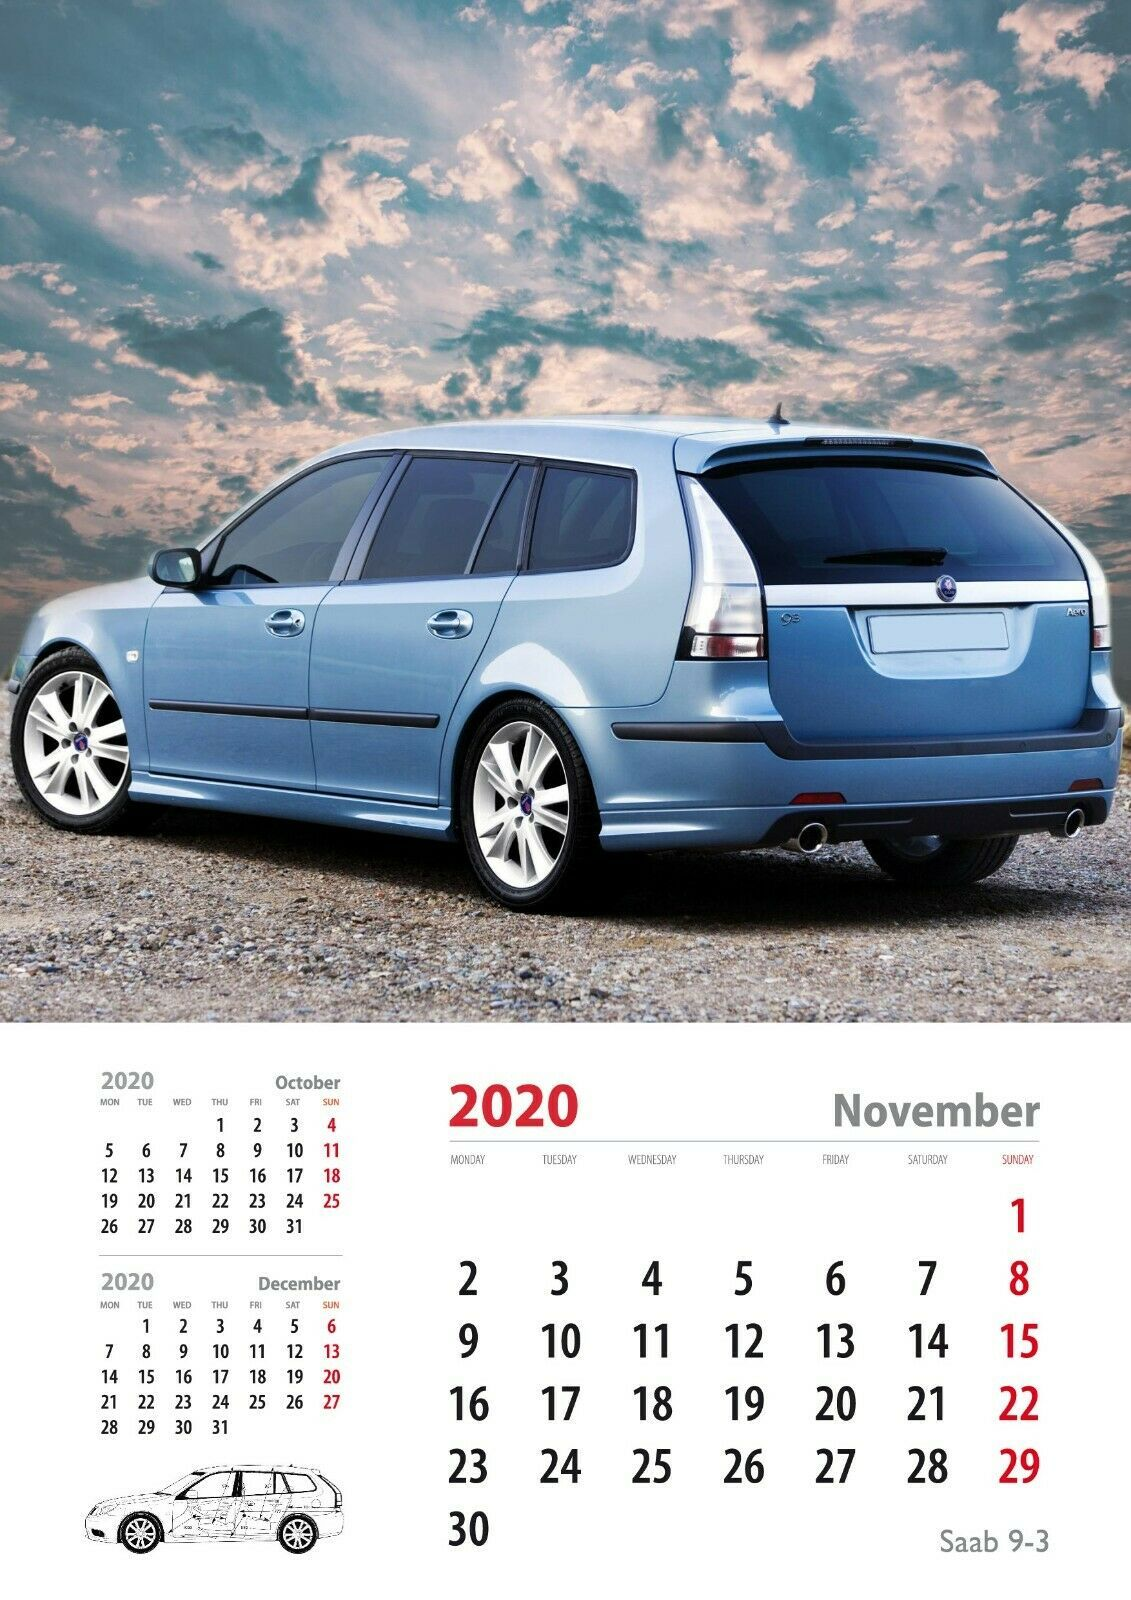 SAAB Heritage Calendar 2020, SAAB 93, November Saab